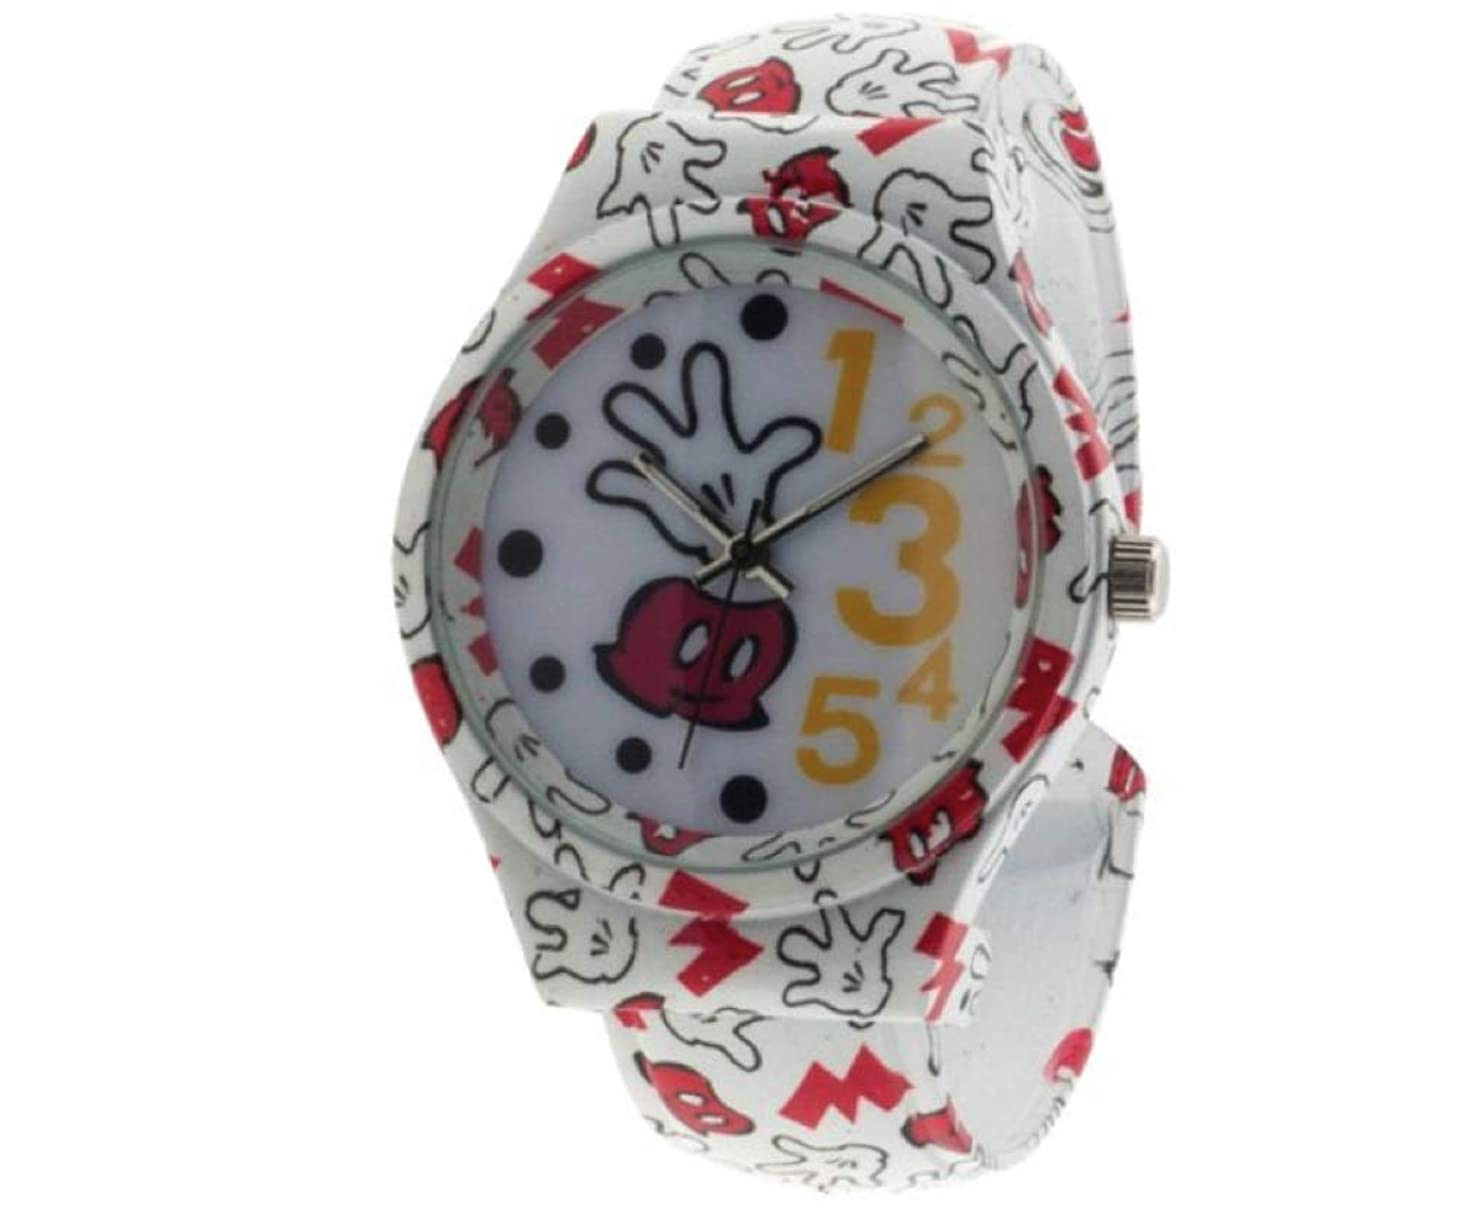 道に迷いましたリベラル機会ディズニー ミッキーマウス レディース アナログバングルウォッチ 手袋プリント